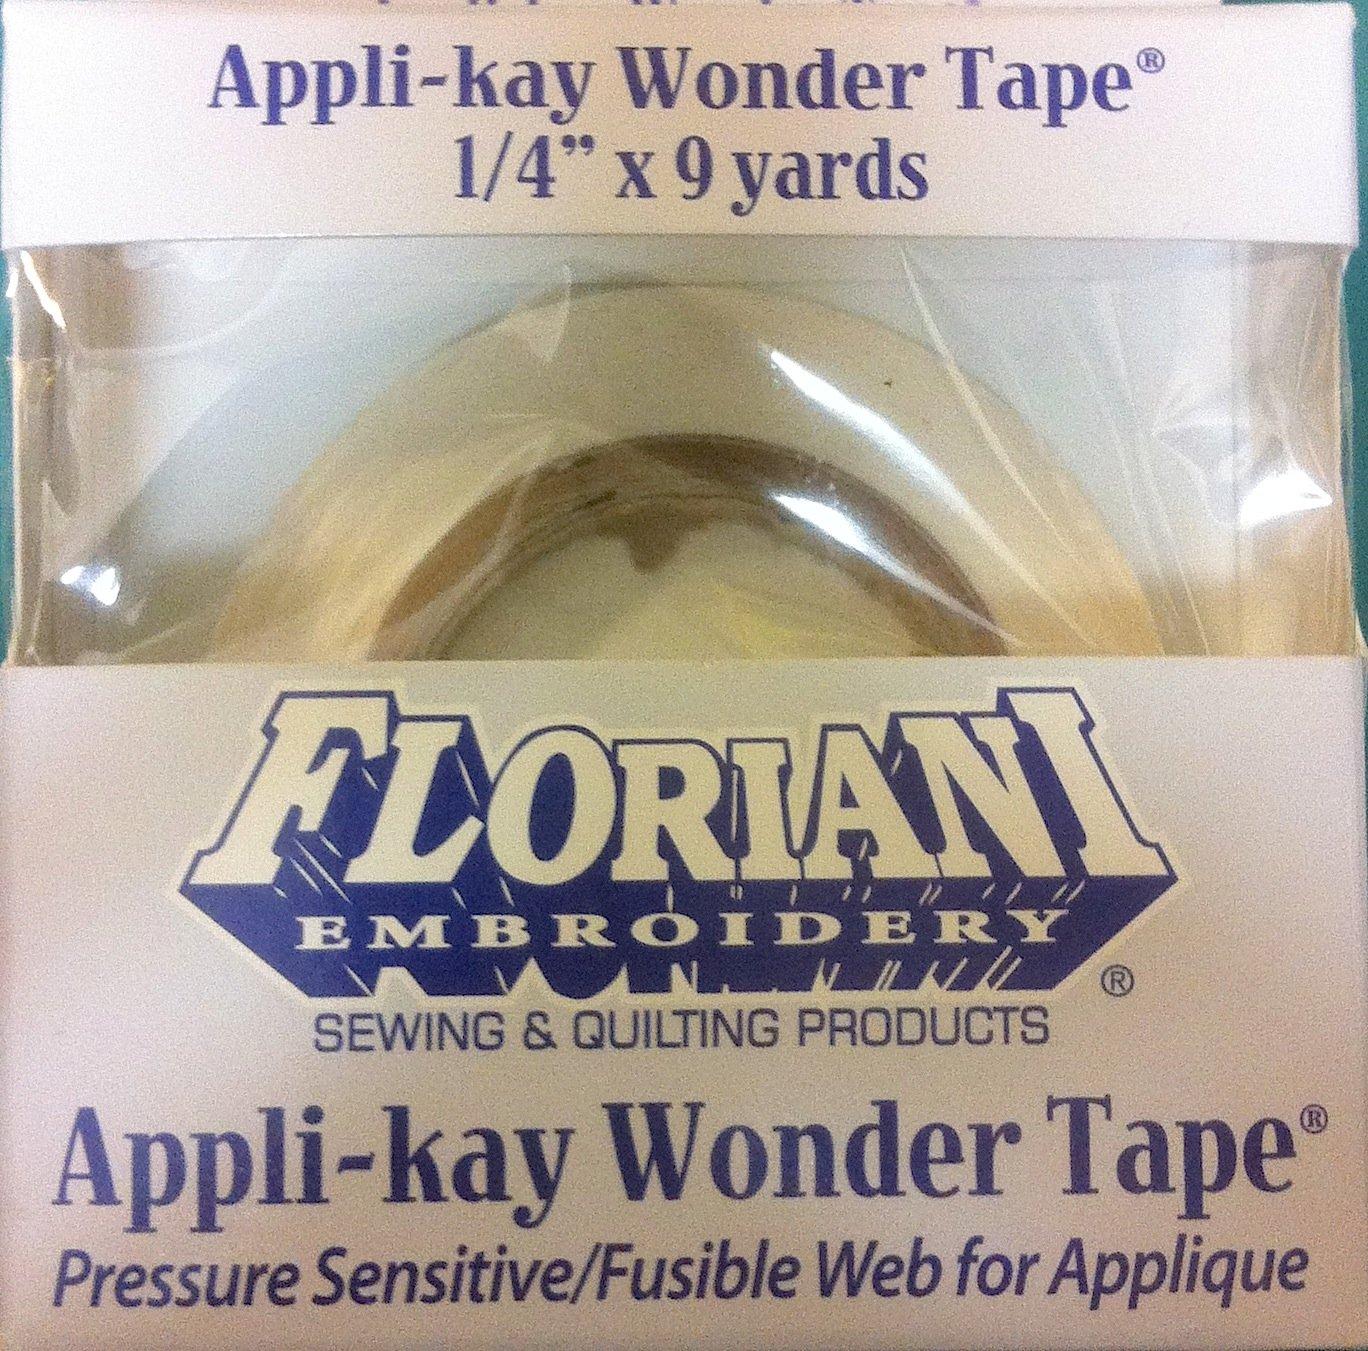 Appli-Kay Wonder Tape